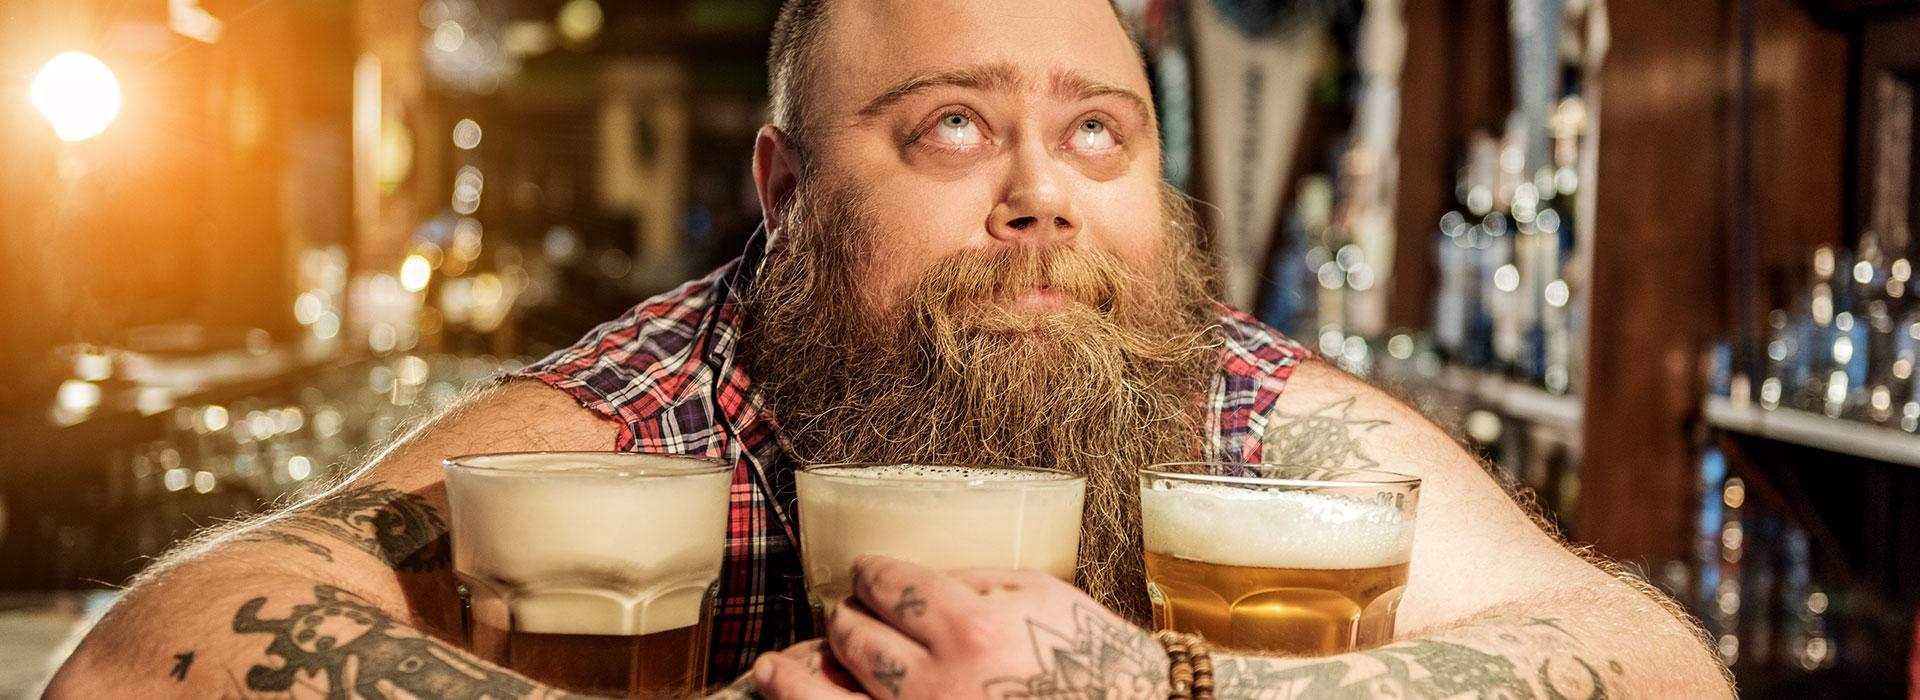 tätowierter Schankkellner liebt Bier